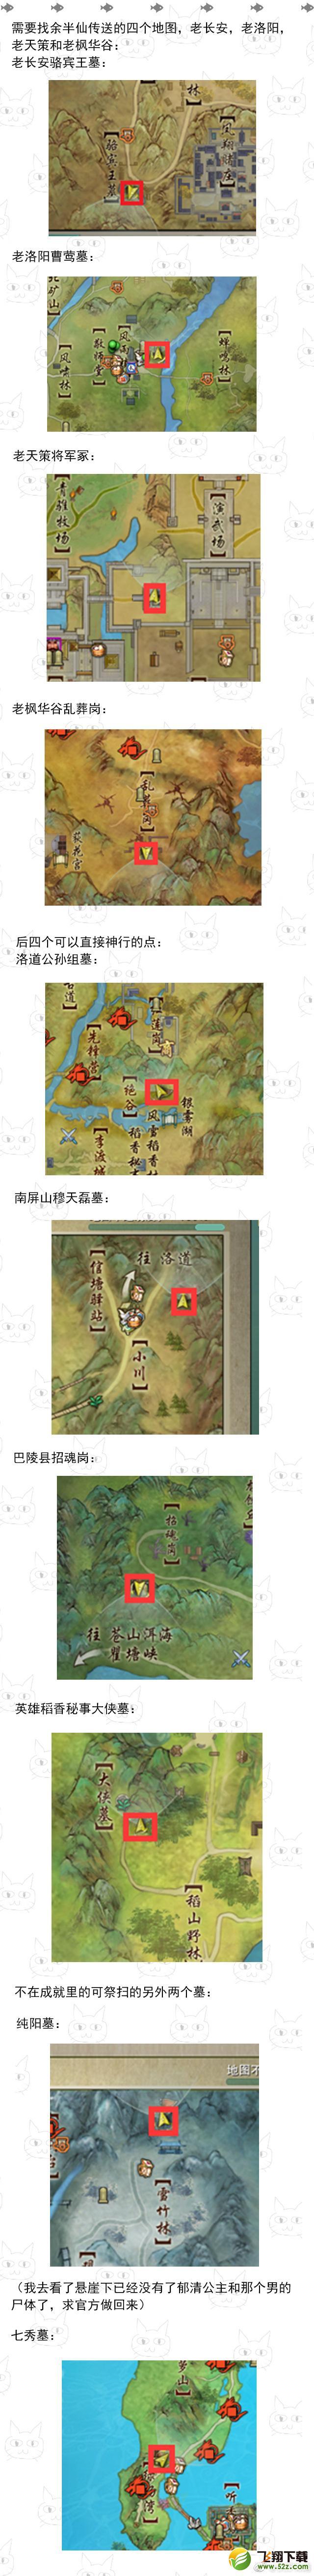 2019剑网3清明节祭扫地点位置一览_52z.com